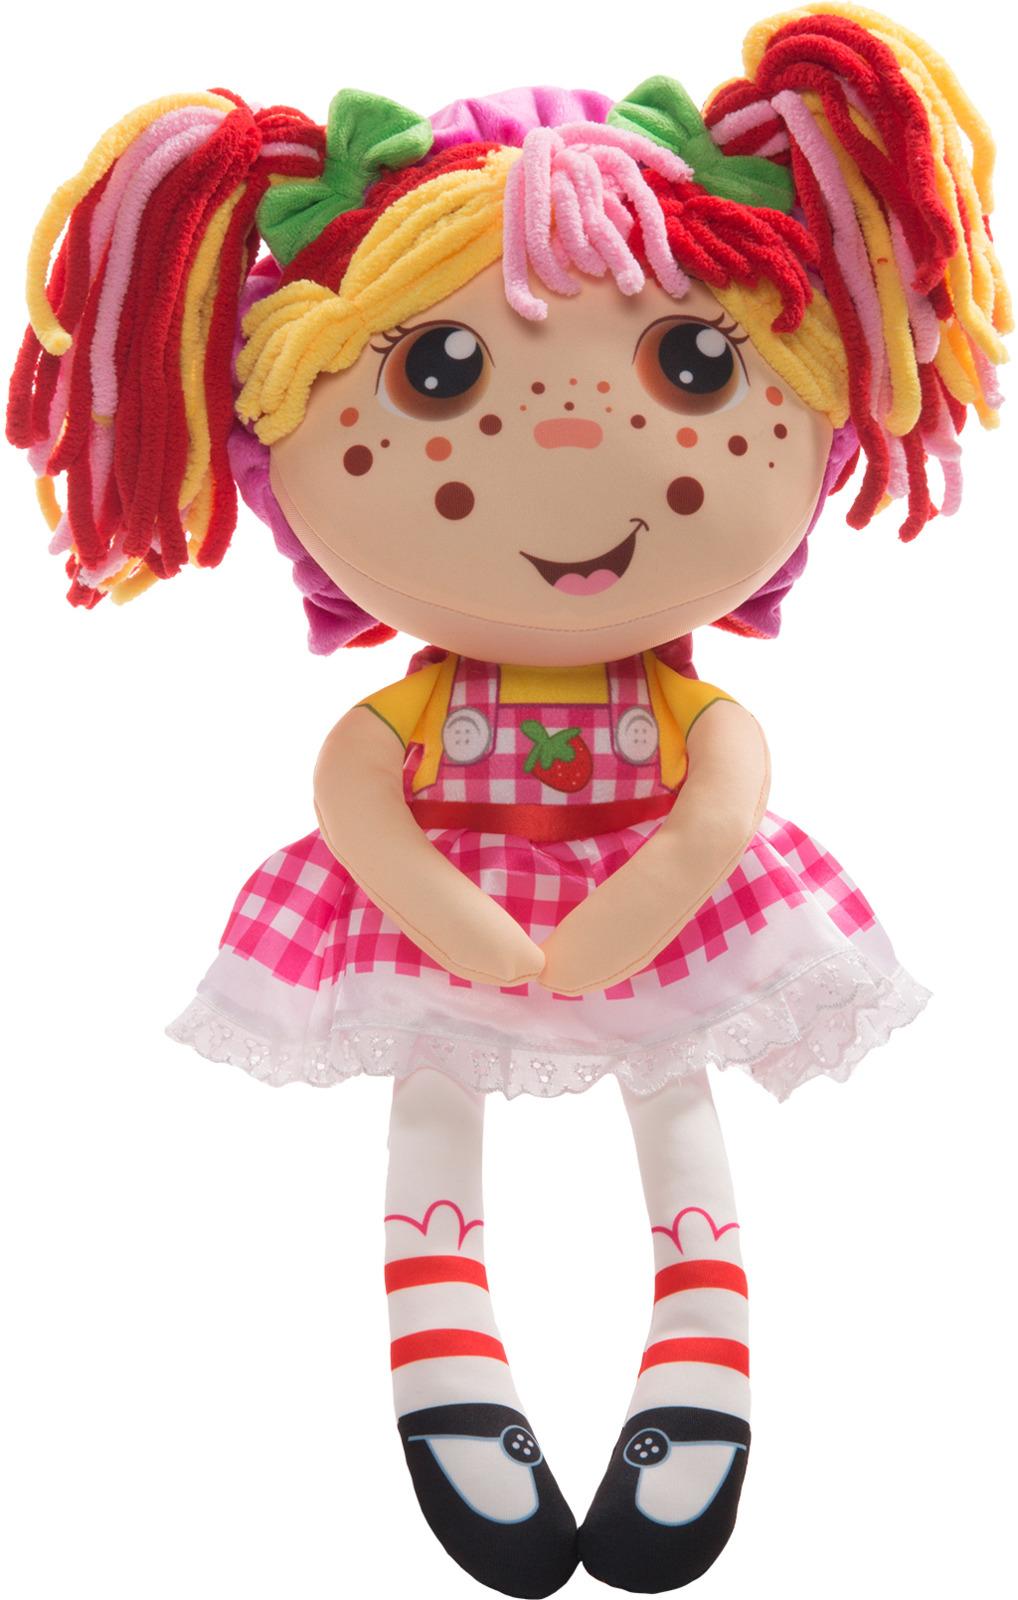 Куклы с одеждой для вырезания картинки хорошо